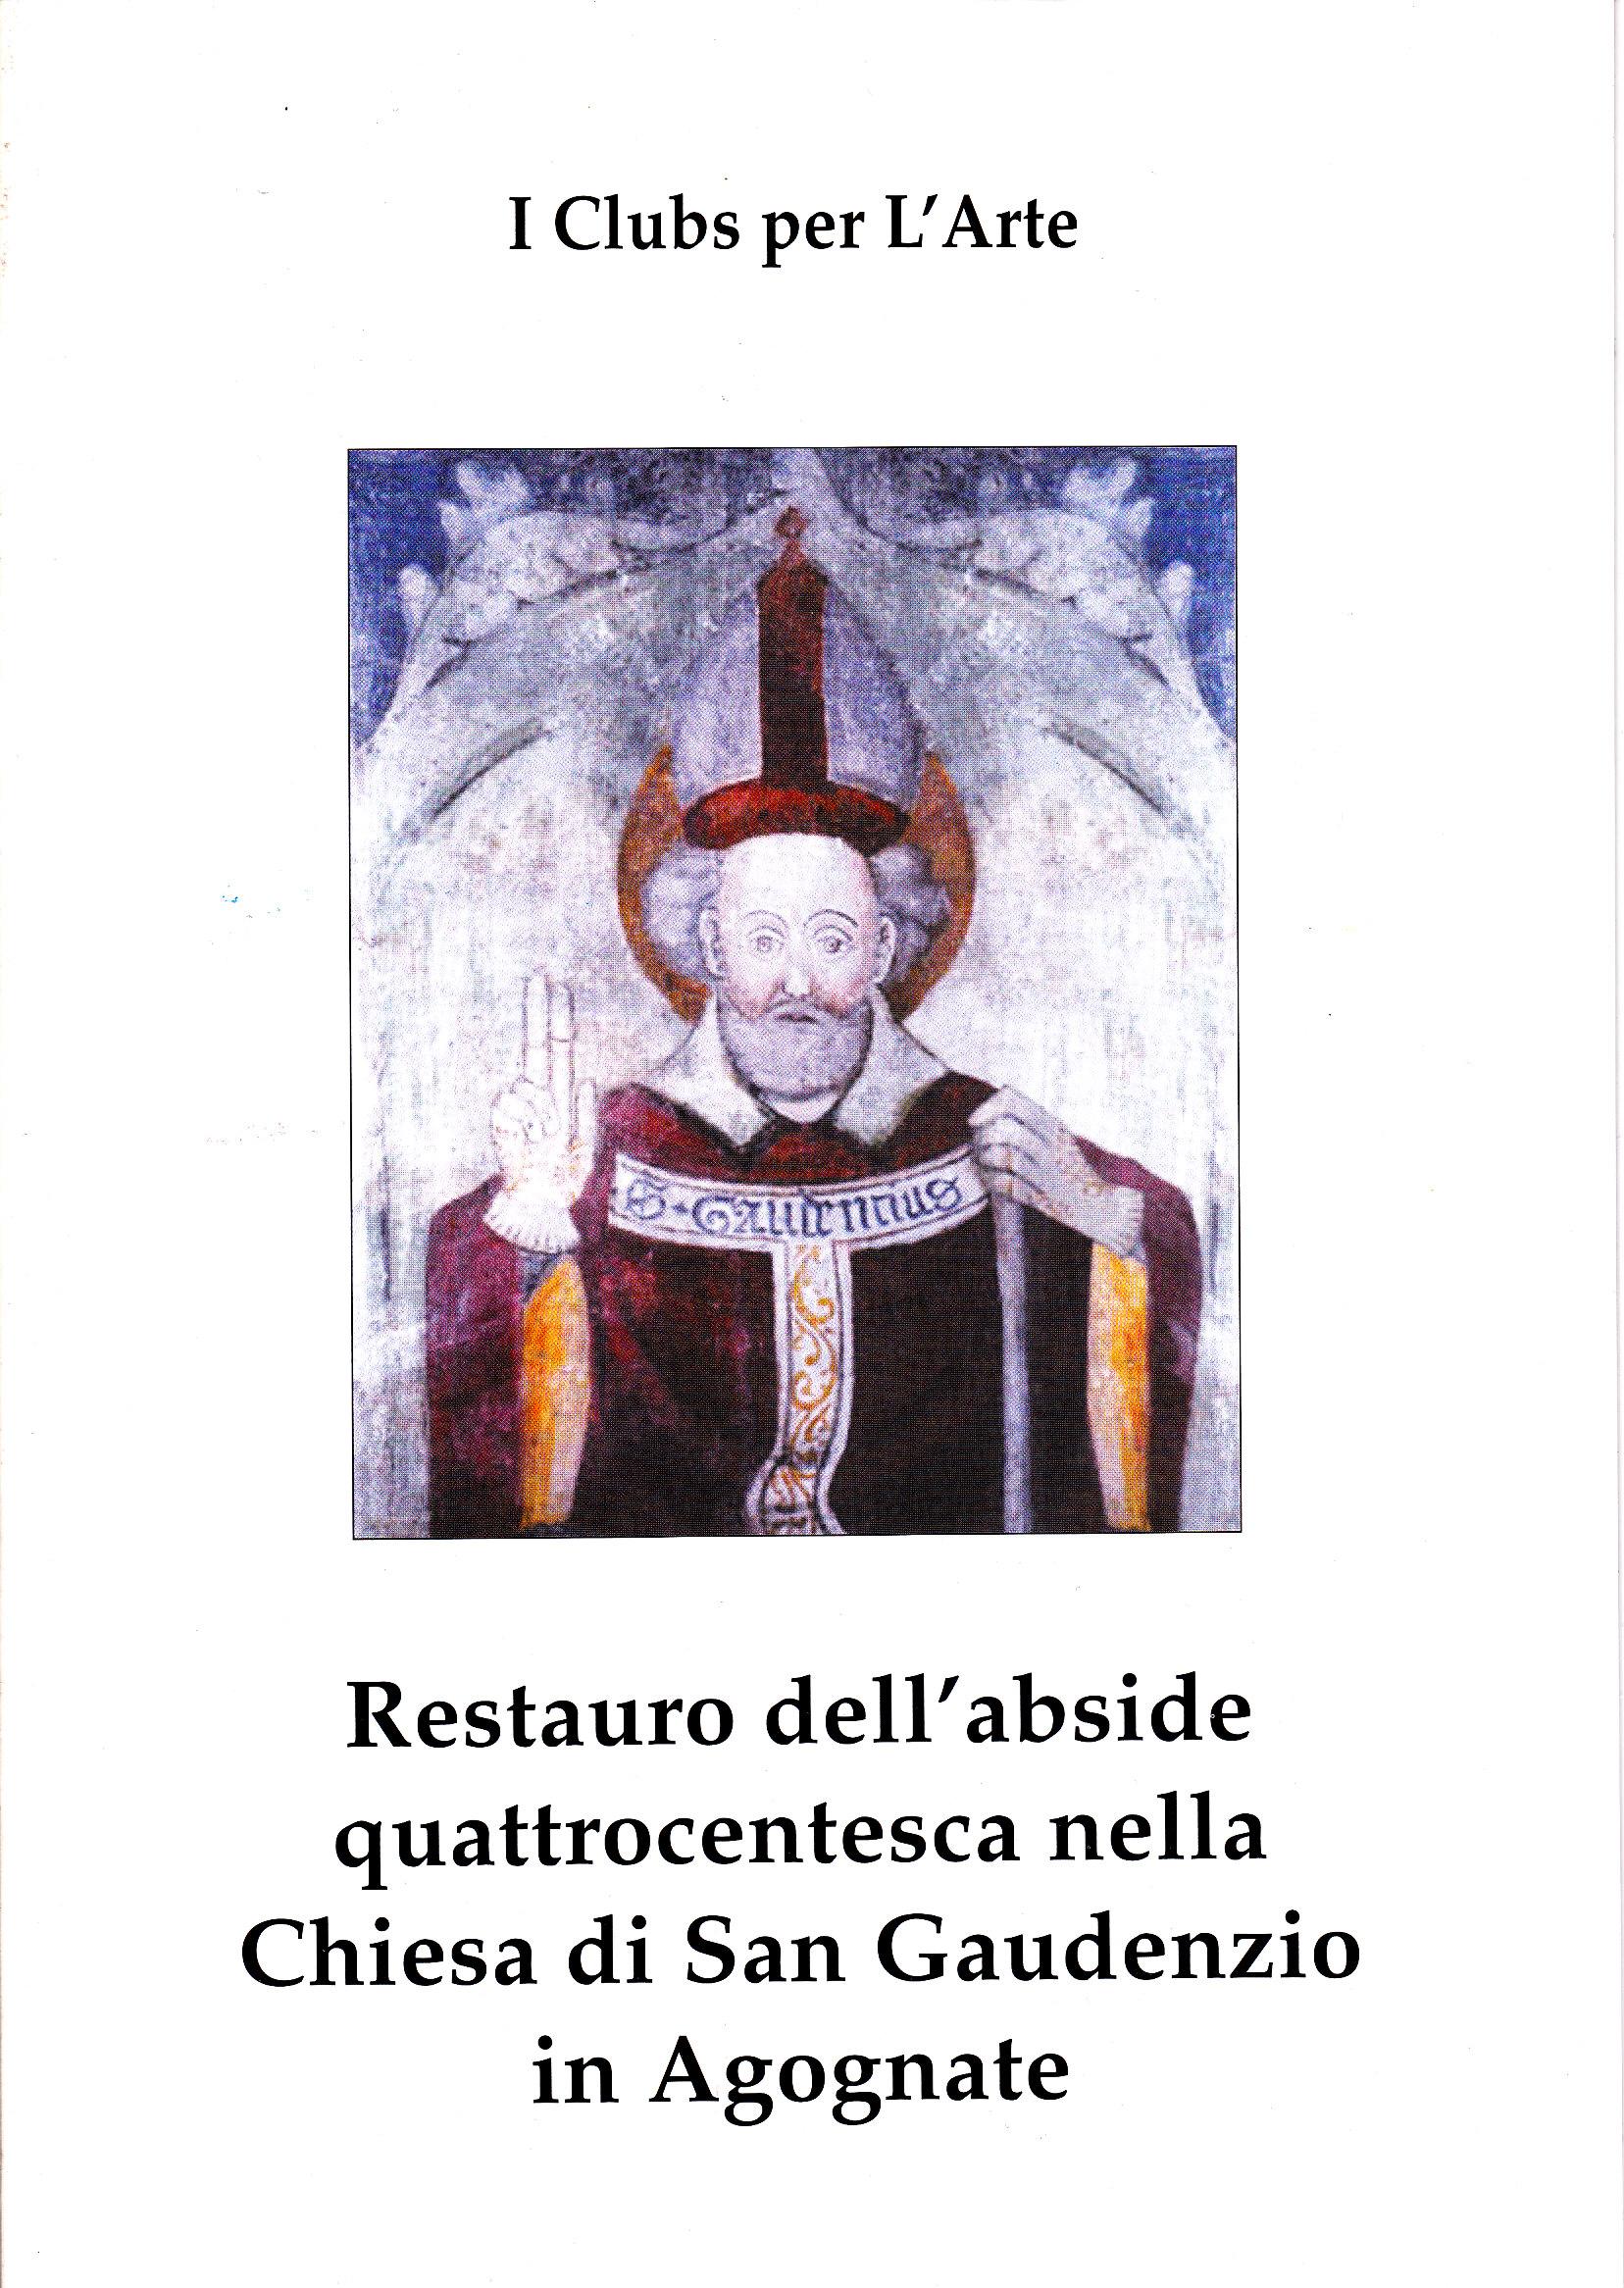 Restauro dell'abside quattrocentesca nella Chiesa di San Gaudenzio in Agognate